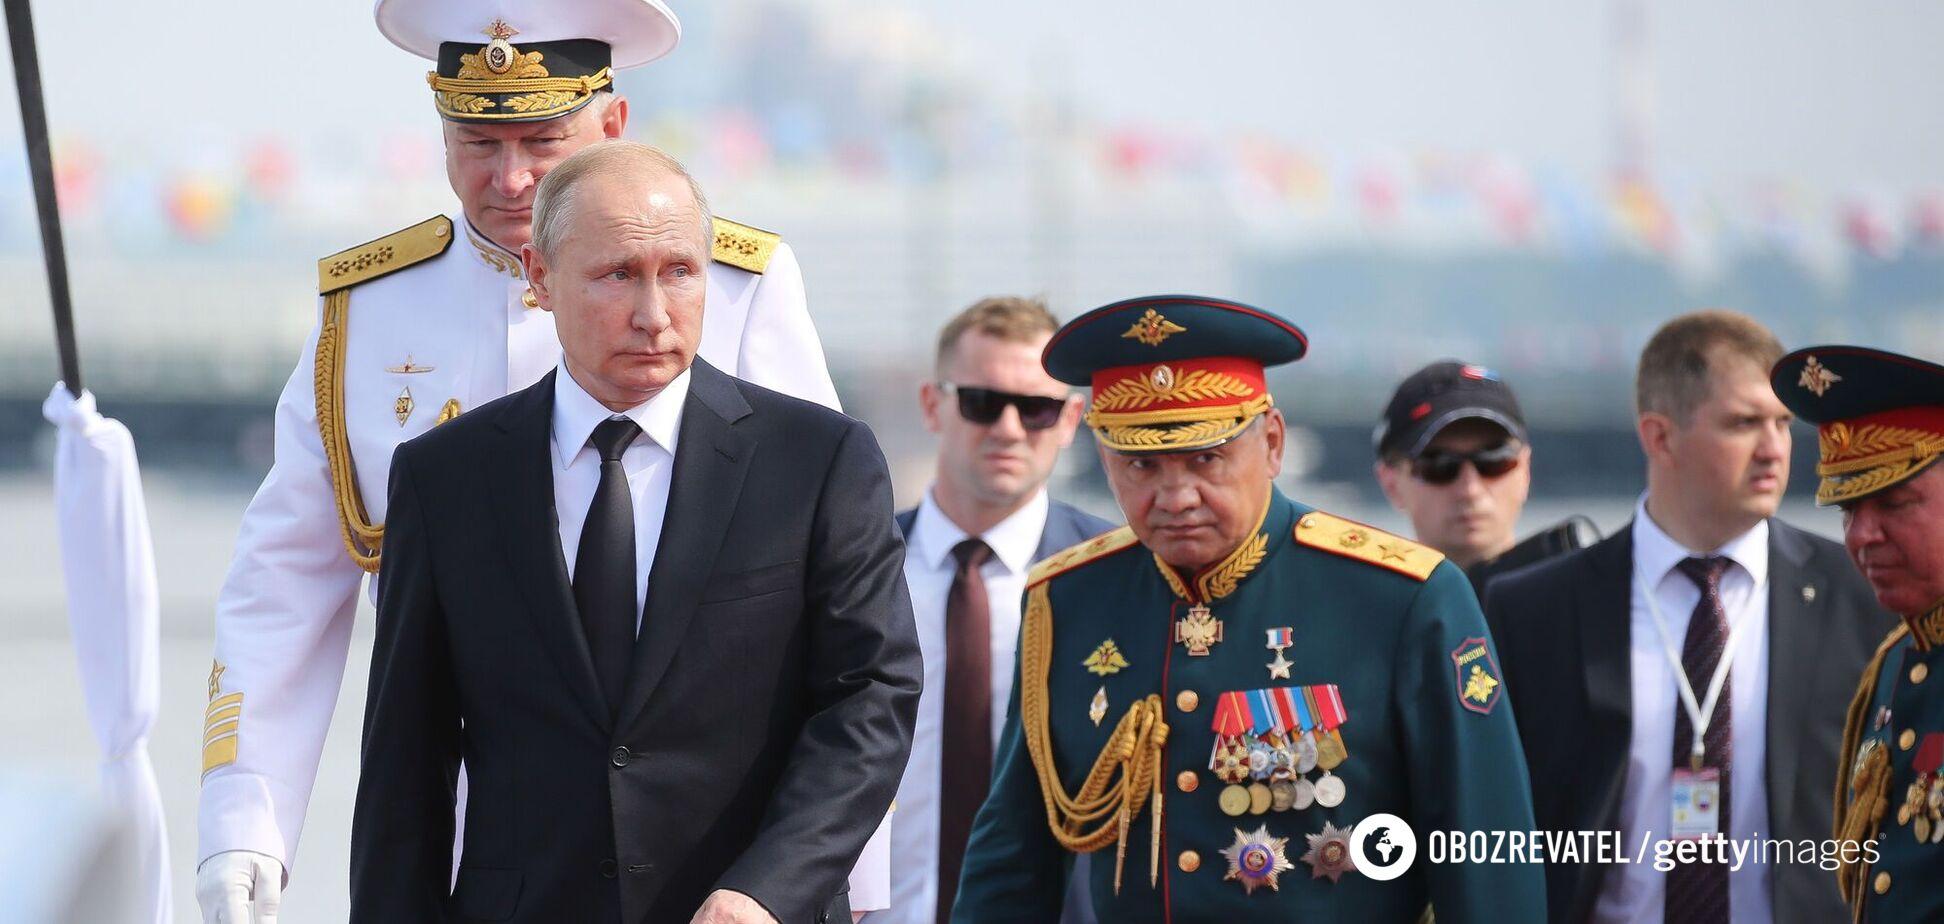 'Кавказ-2020' не загрожує Україні, але Кремль готовий до нової війни і окупації, - Фельгенгауер